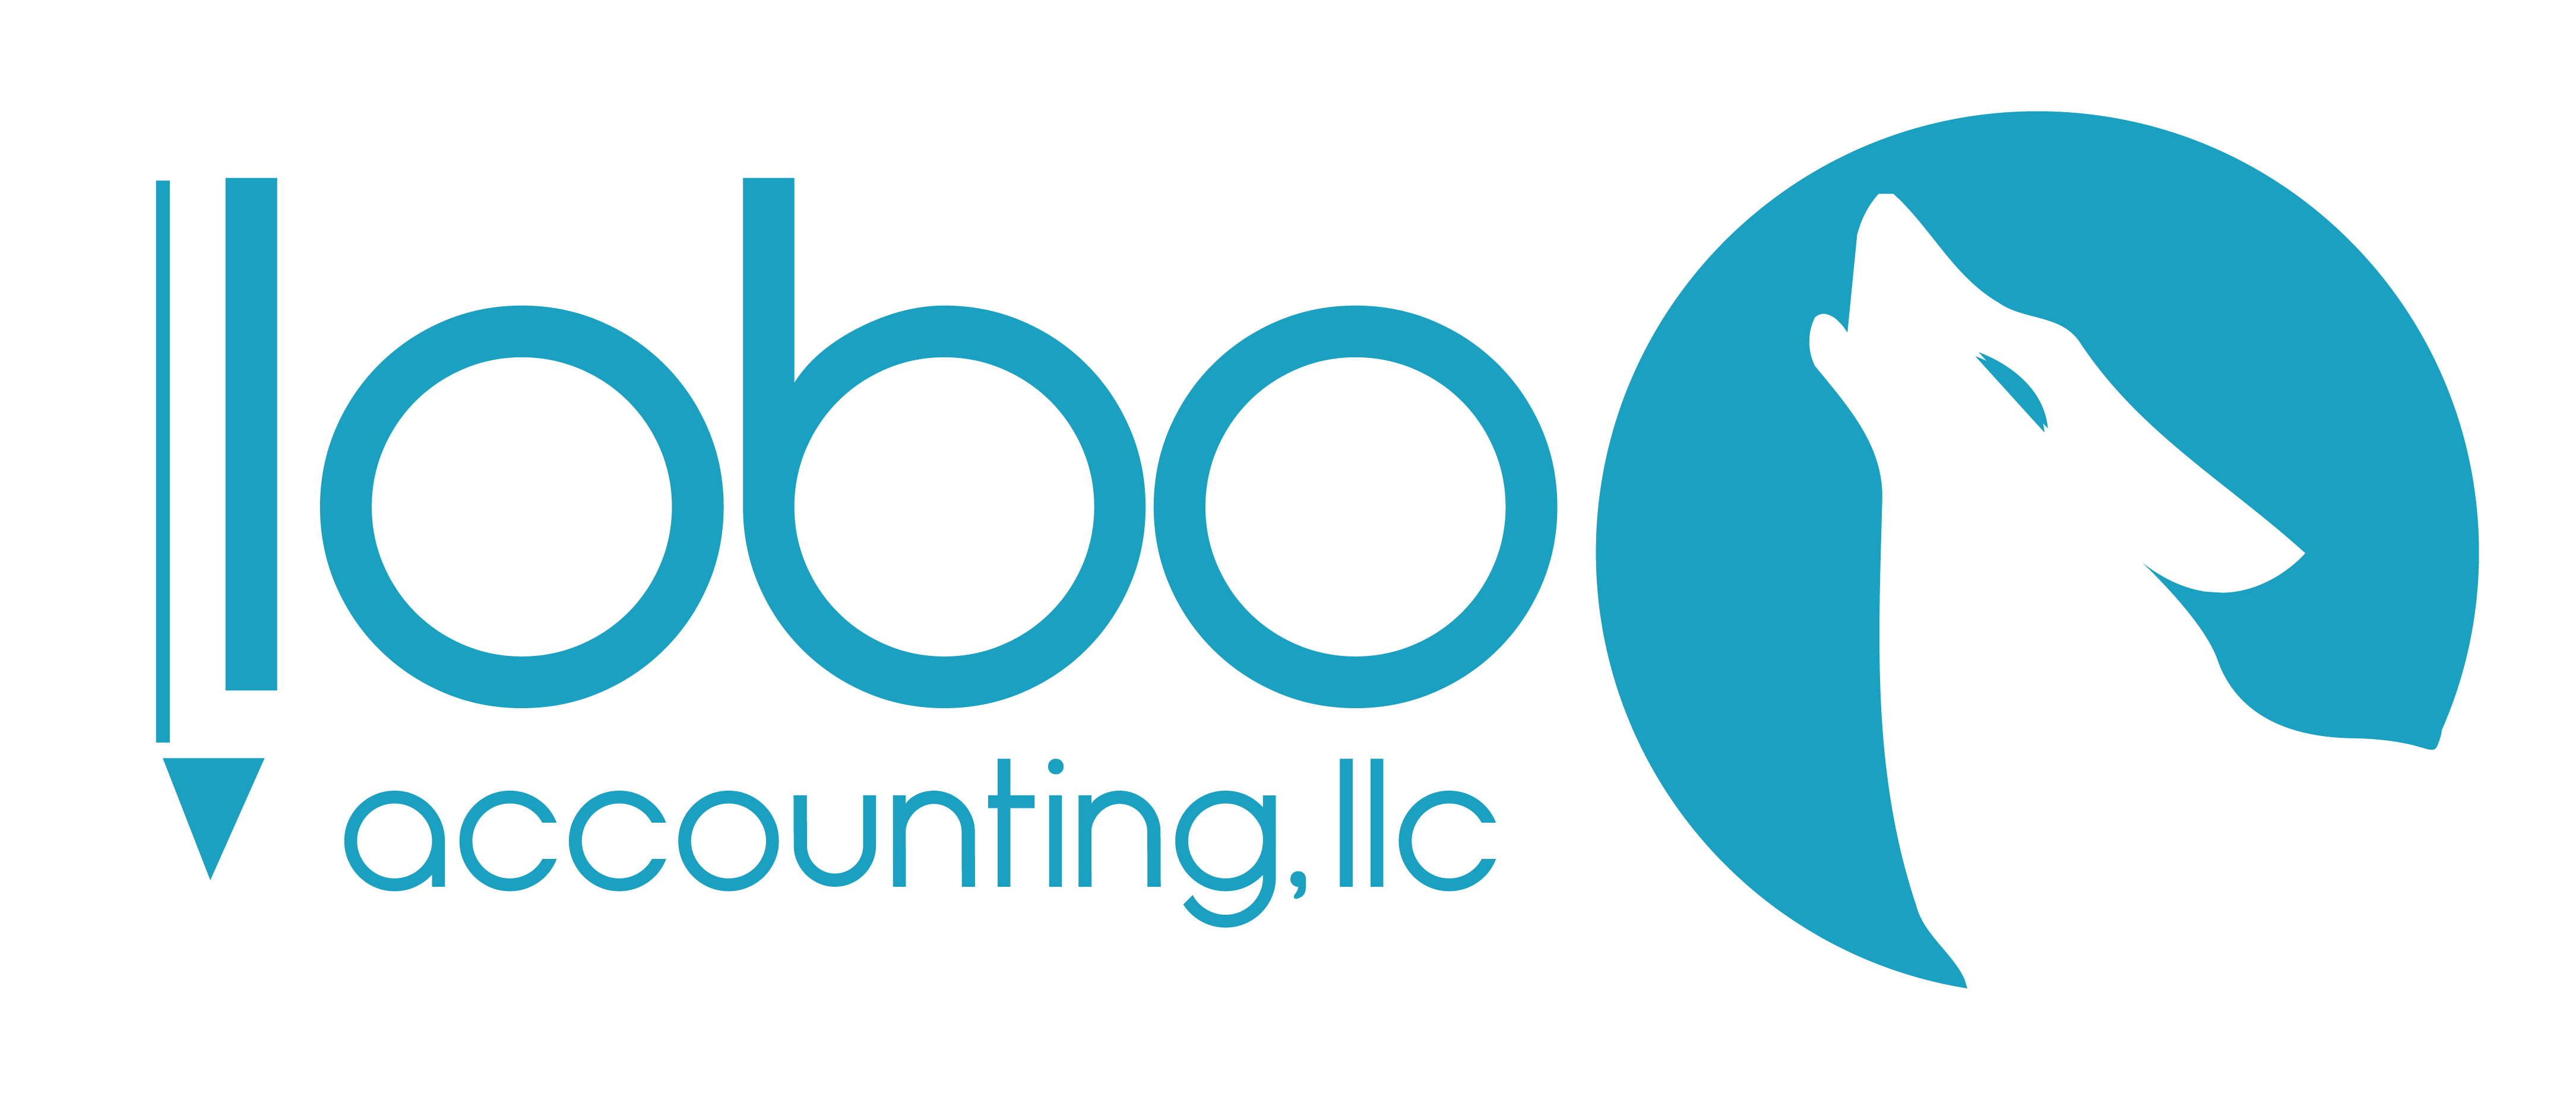 Lobo Accounting